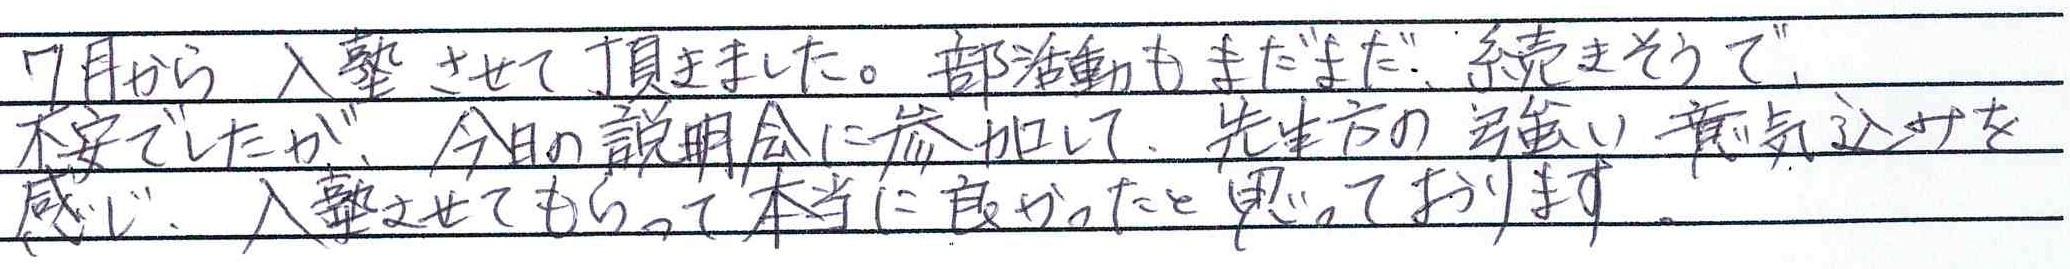 【2016年】高校入試ガイダンス_b0219726_16002155.jpg